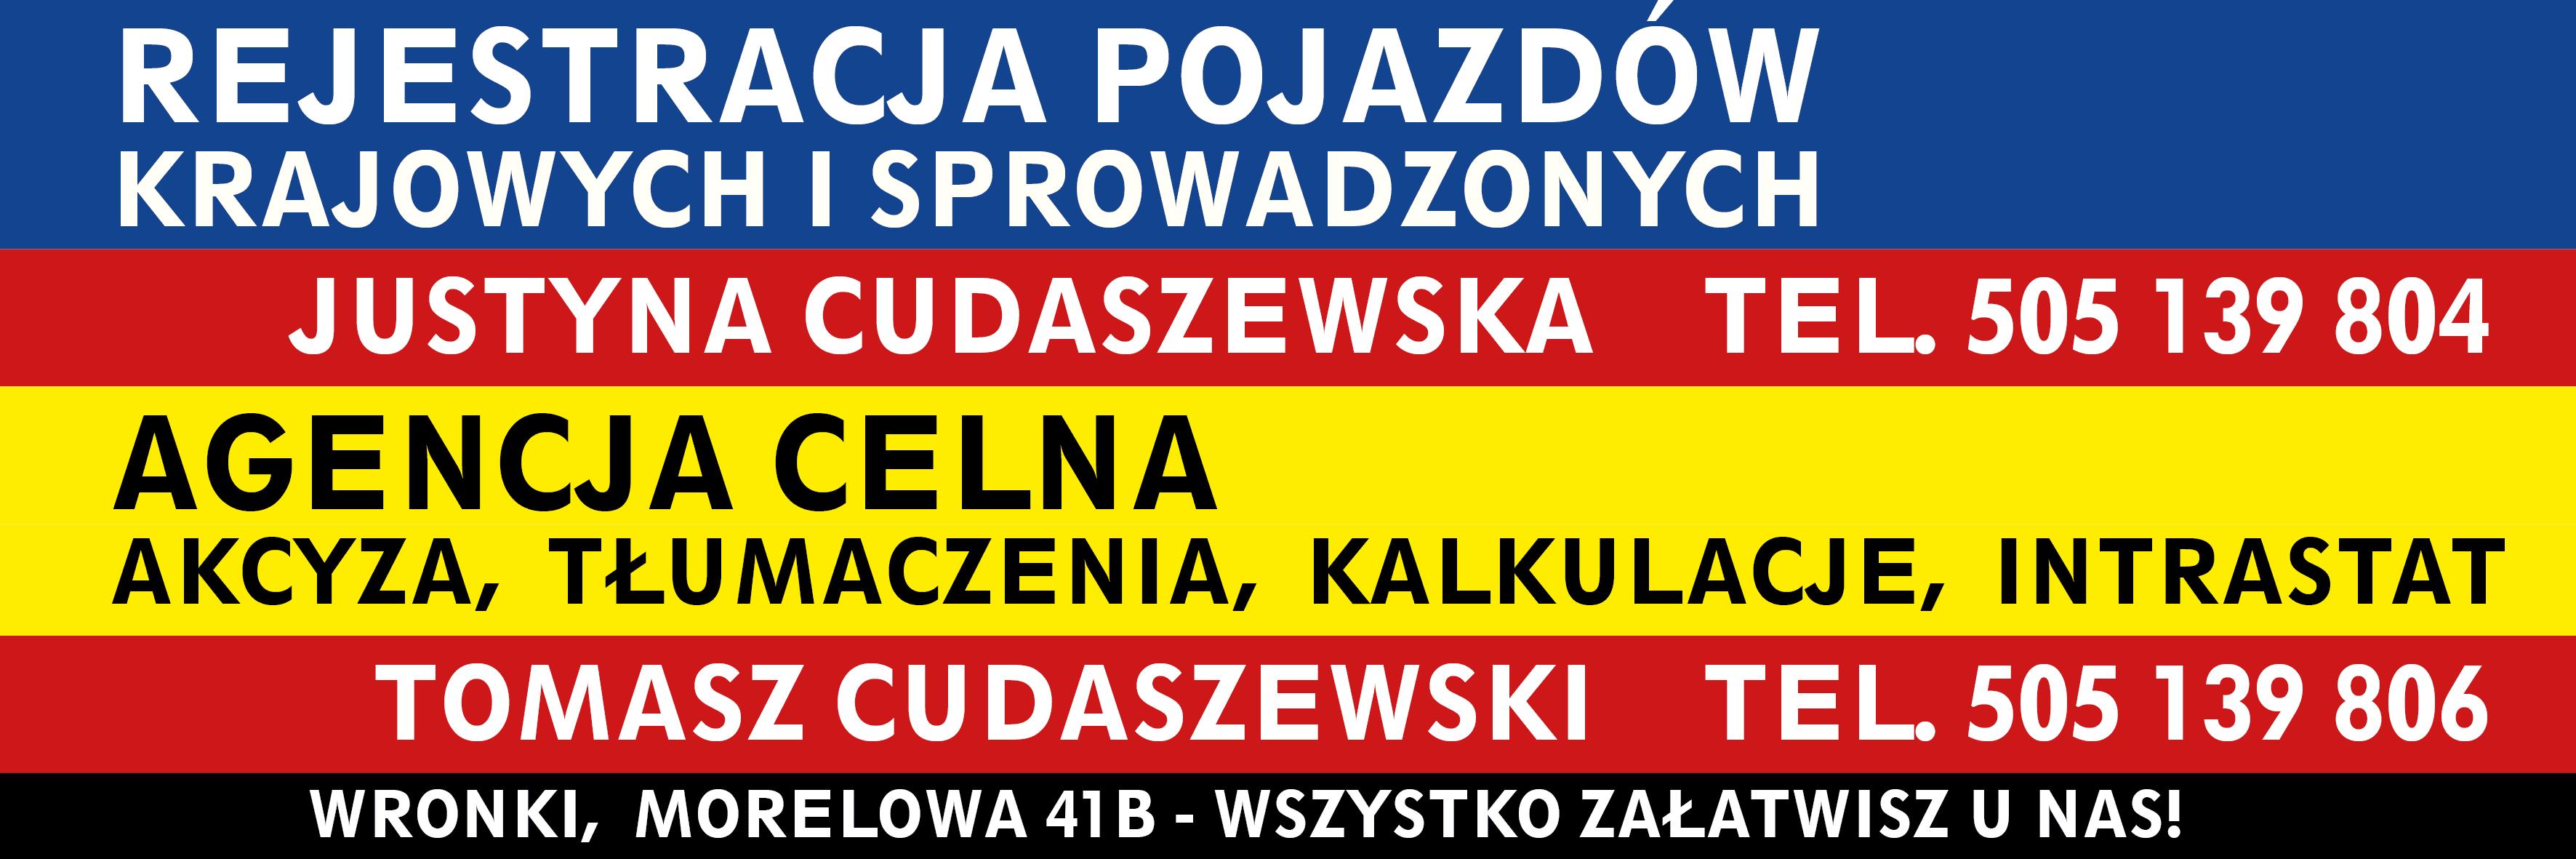 Agencja Celna Tomasz Cudaszewski